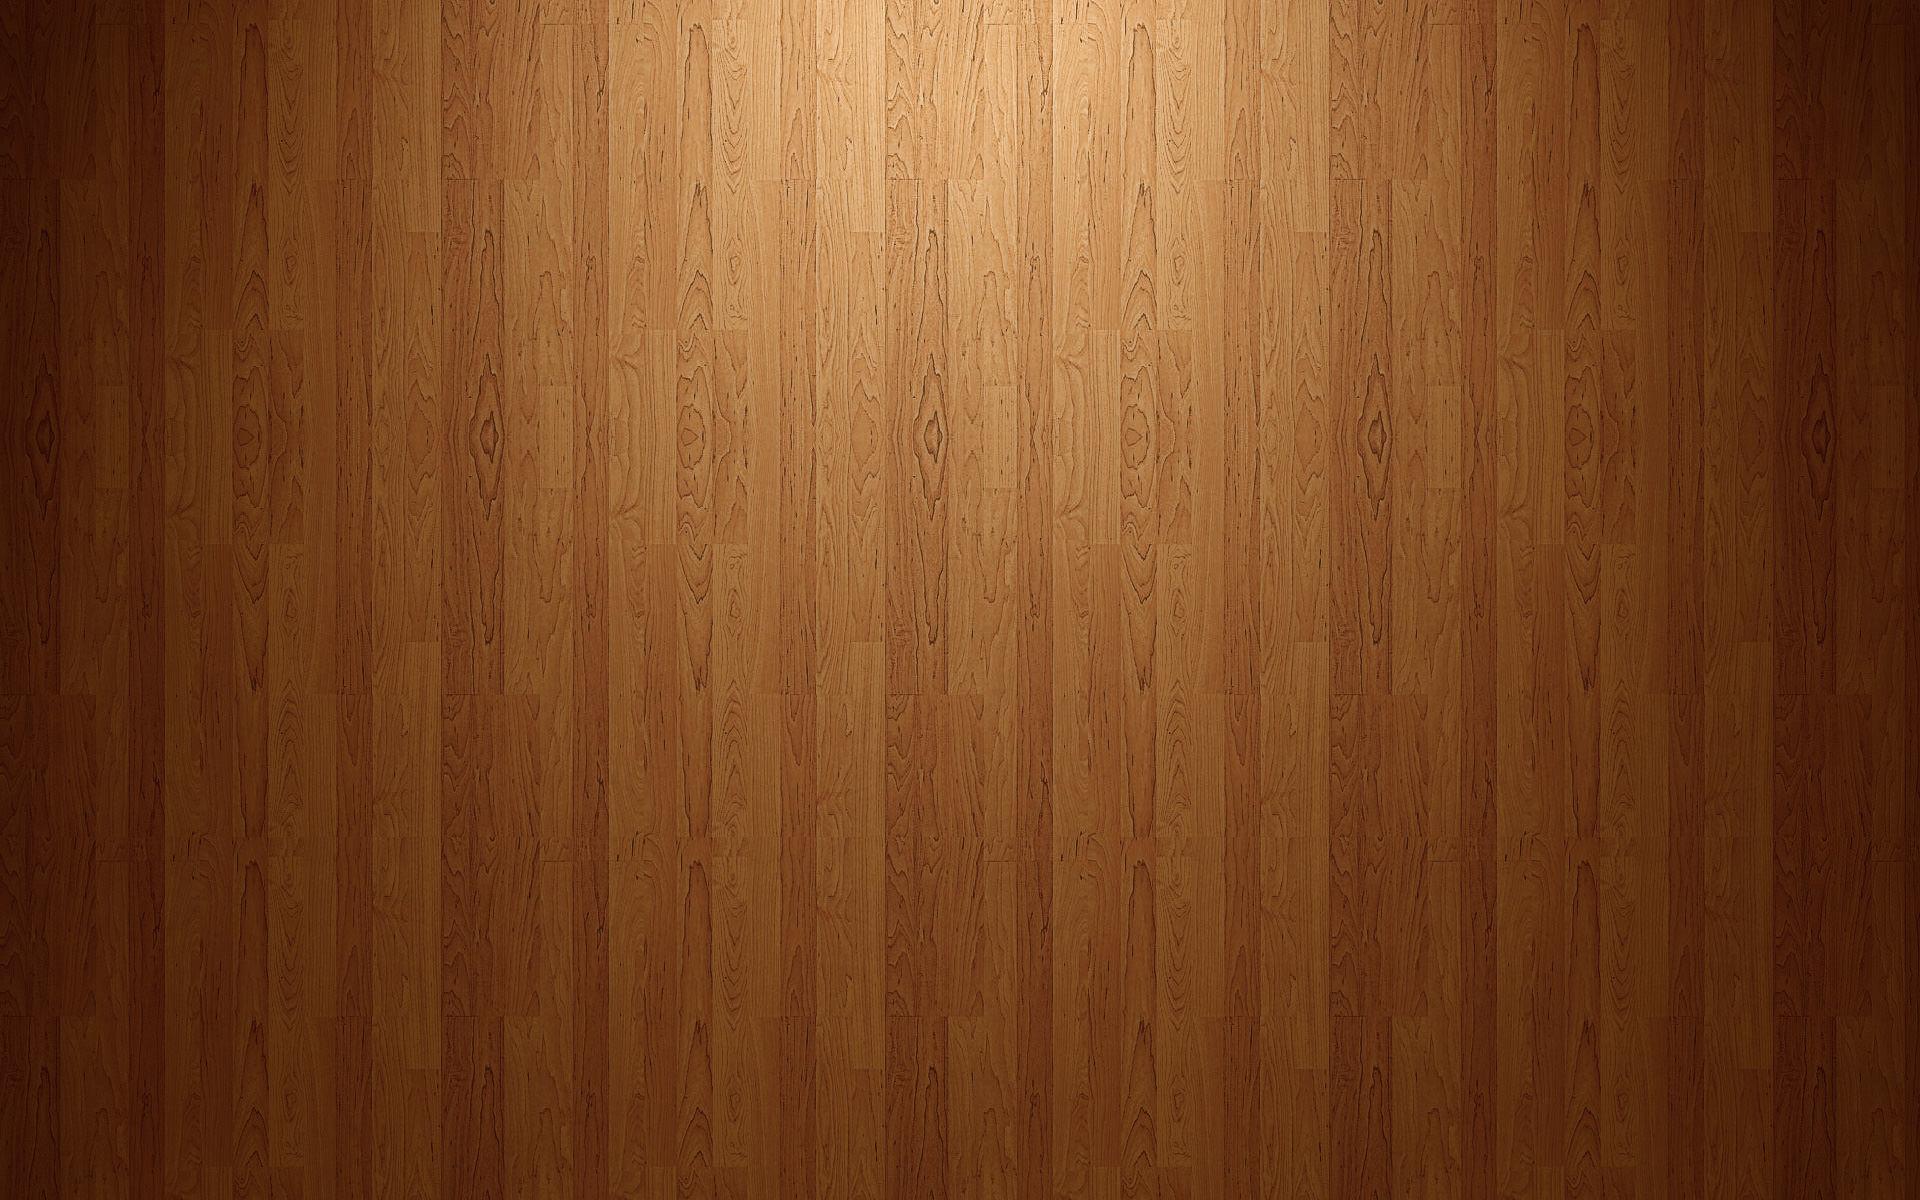 HD Wood Floor Wallpaper